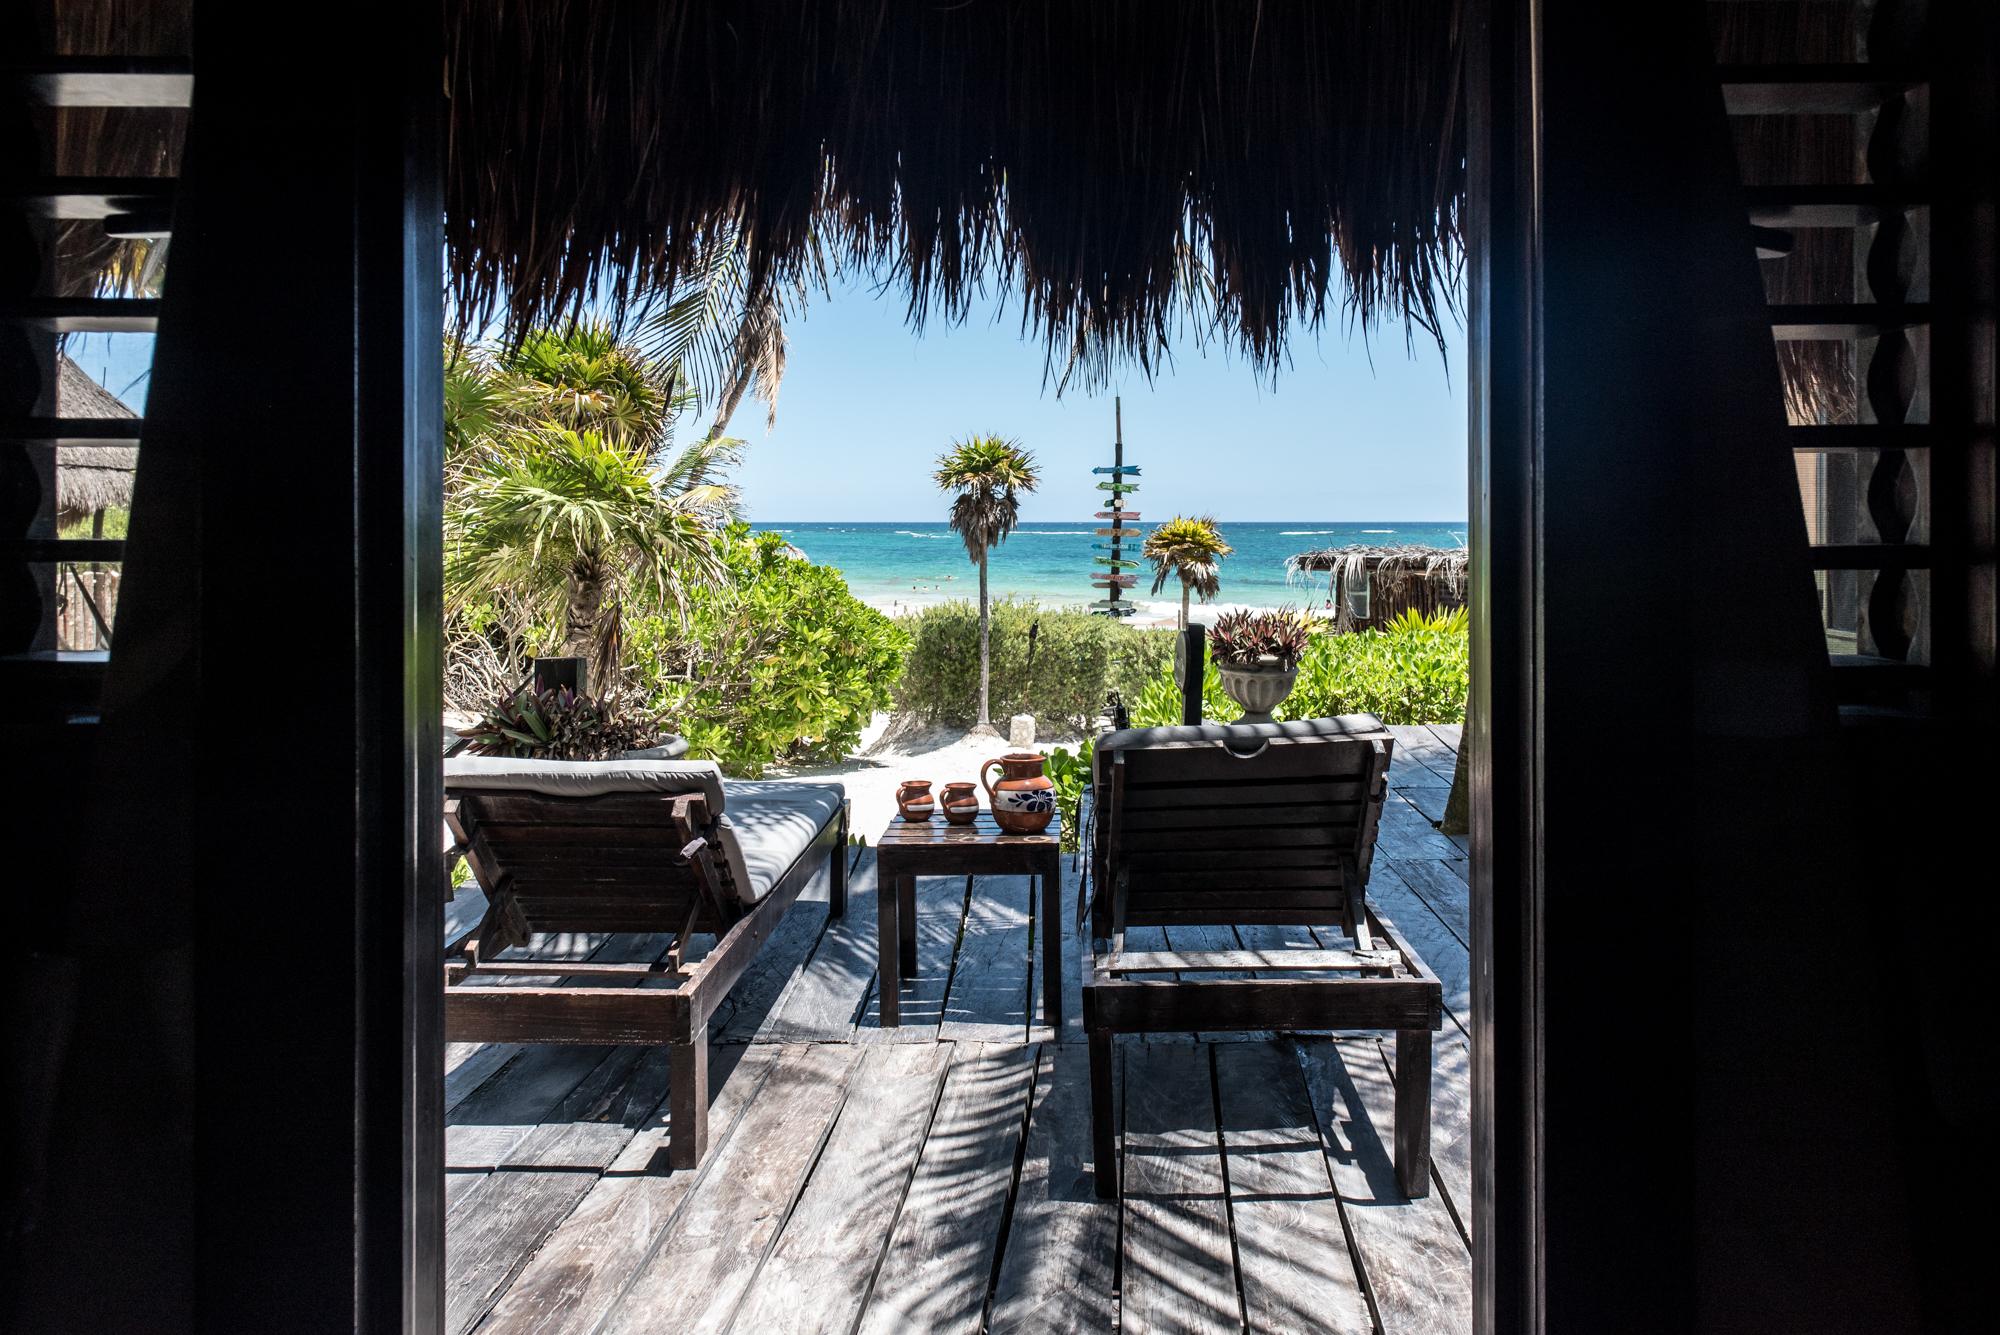 180419_Playa-Esperanza_0301.jpg